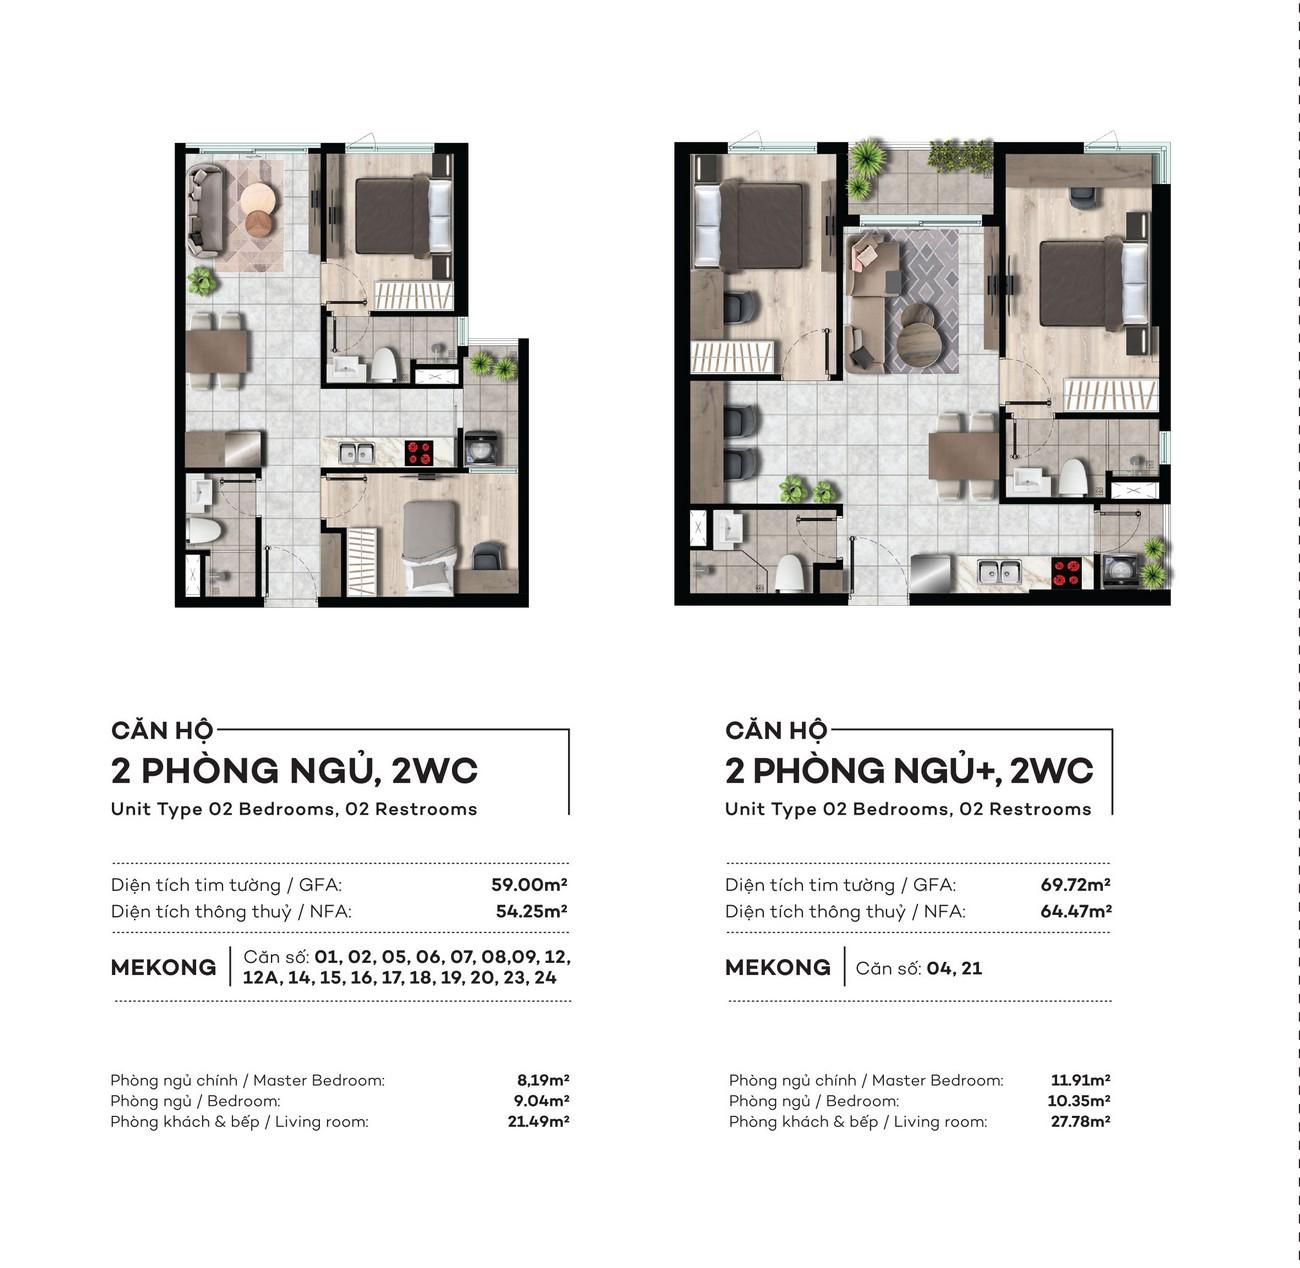 Thiết kế chi tiết căn hộ tại Tháp Mekong dự án West Gate Bình Chánh